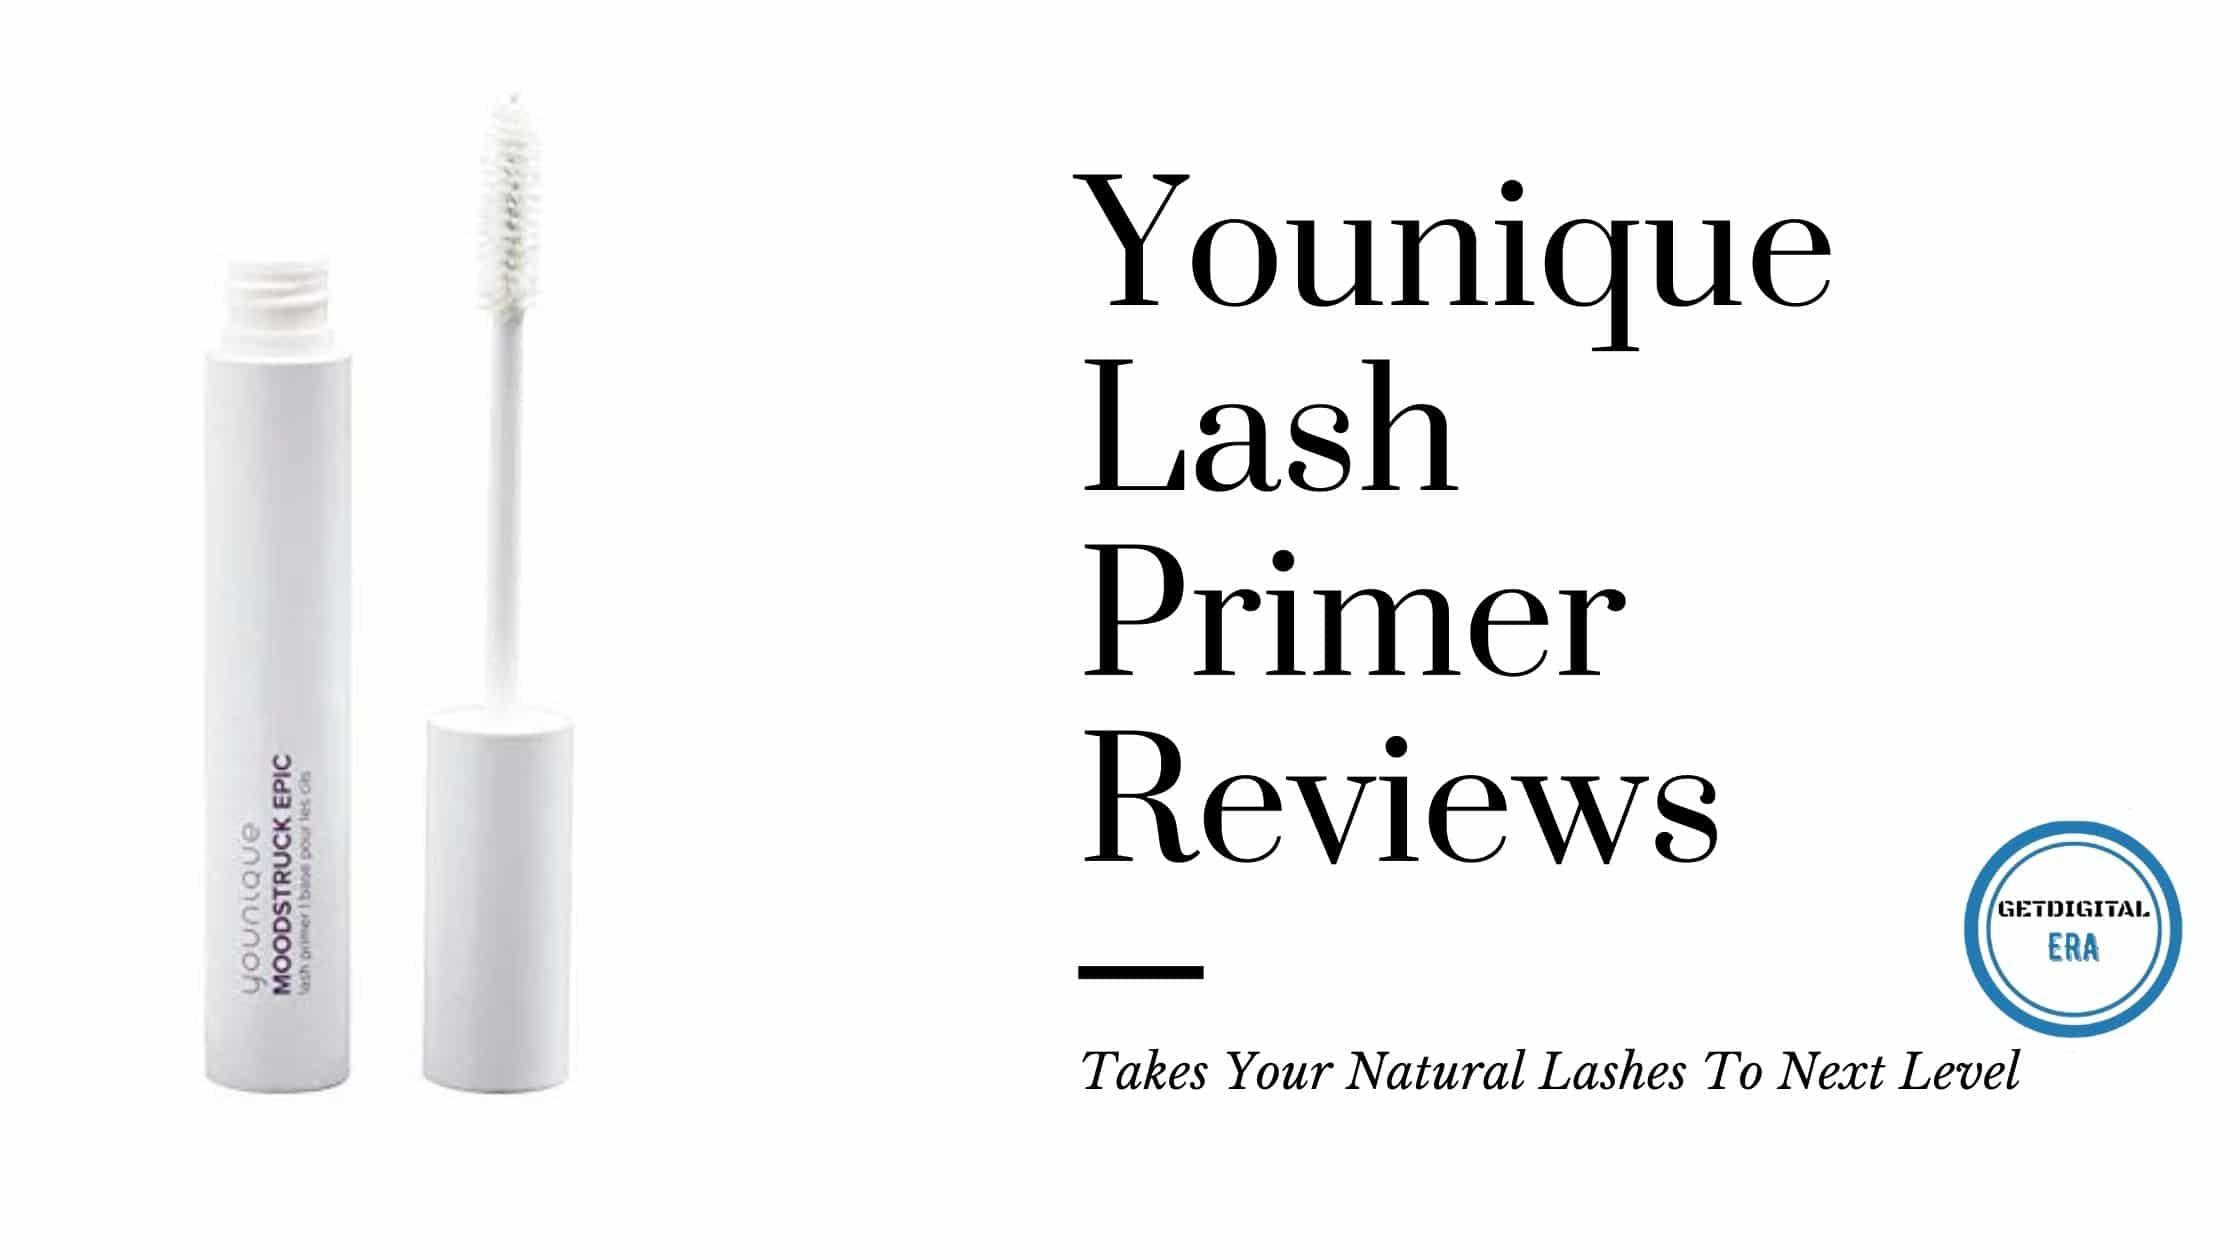 Younique Lash Primer Review